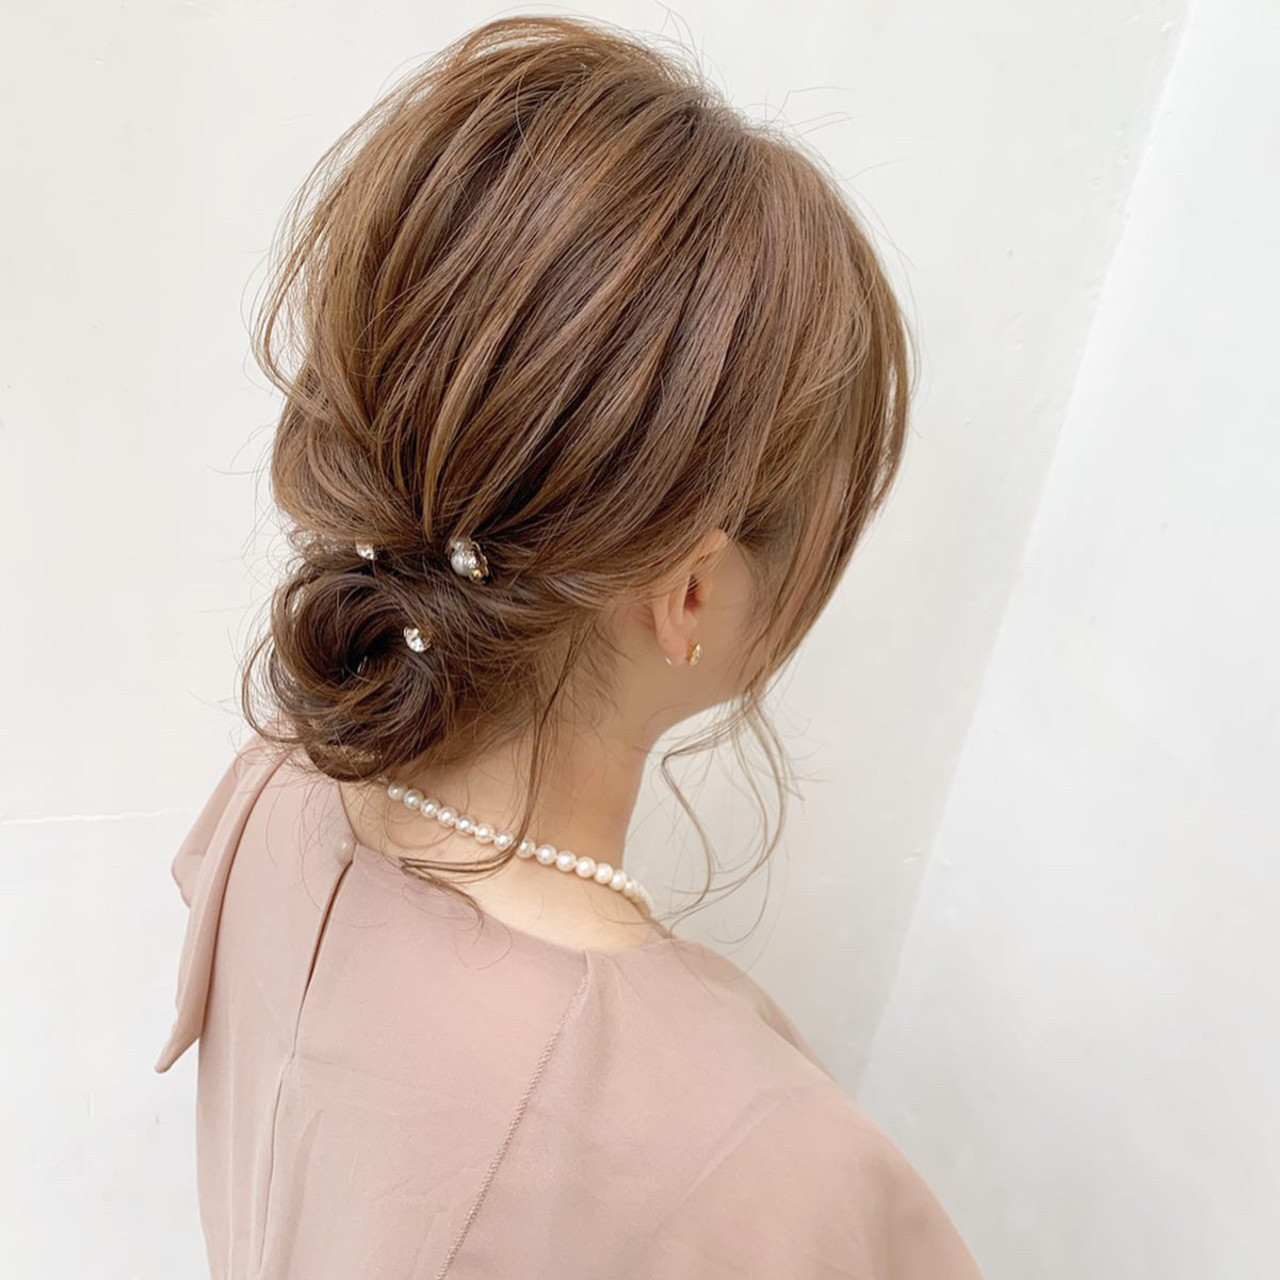 大人可愛い まとめ髪 結婚式ヘアアレンジ ヘアアレンジ ヘアスタイルや髪型の写真・画像